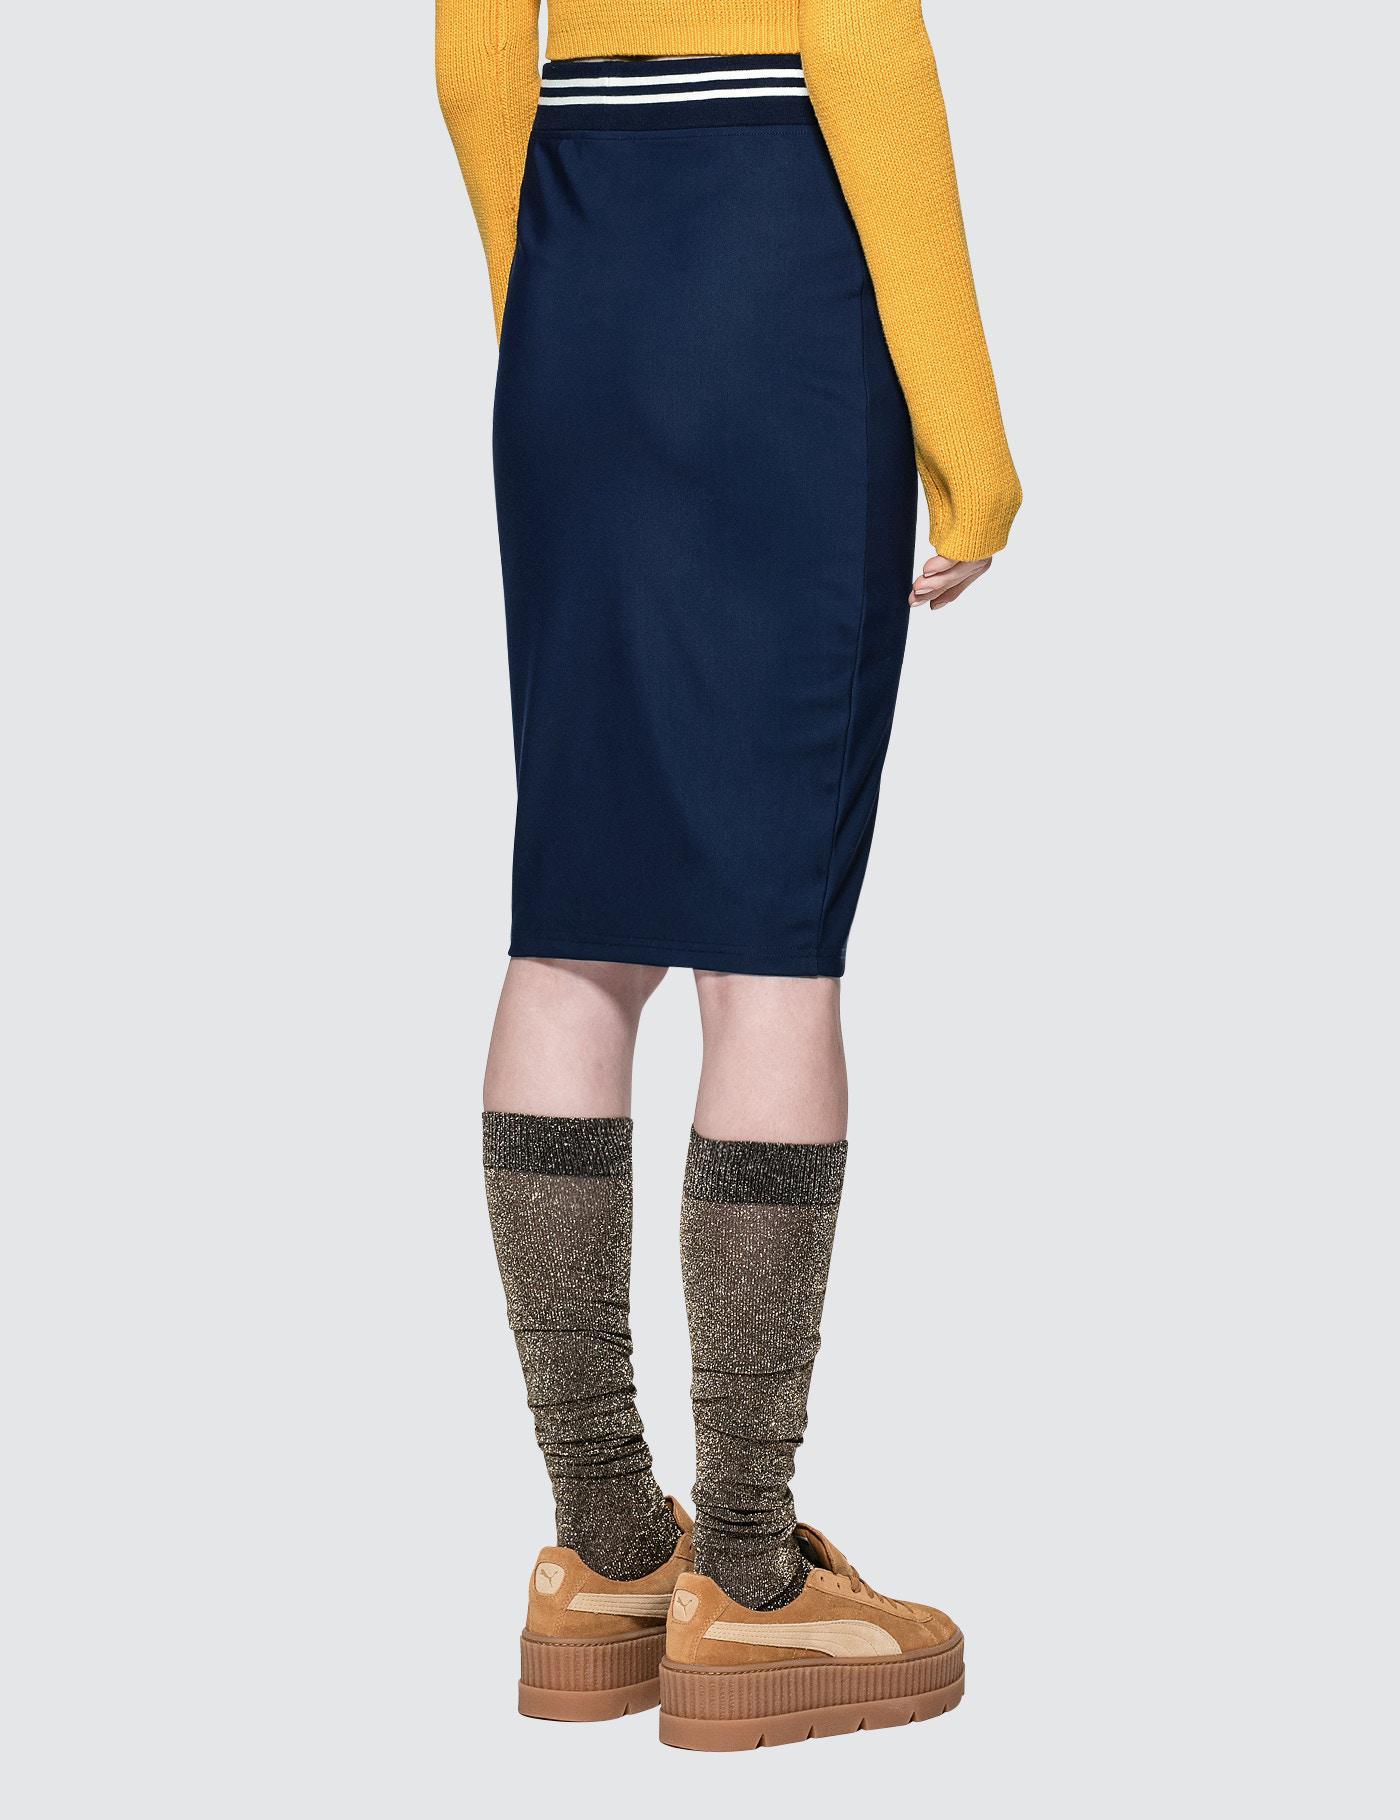 68f44f419 PUMA Fenty By Rihanna Varsity Pencil Skirt in Blue - Lyst